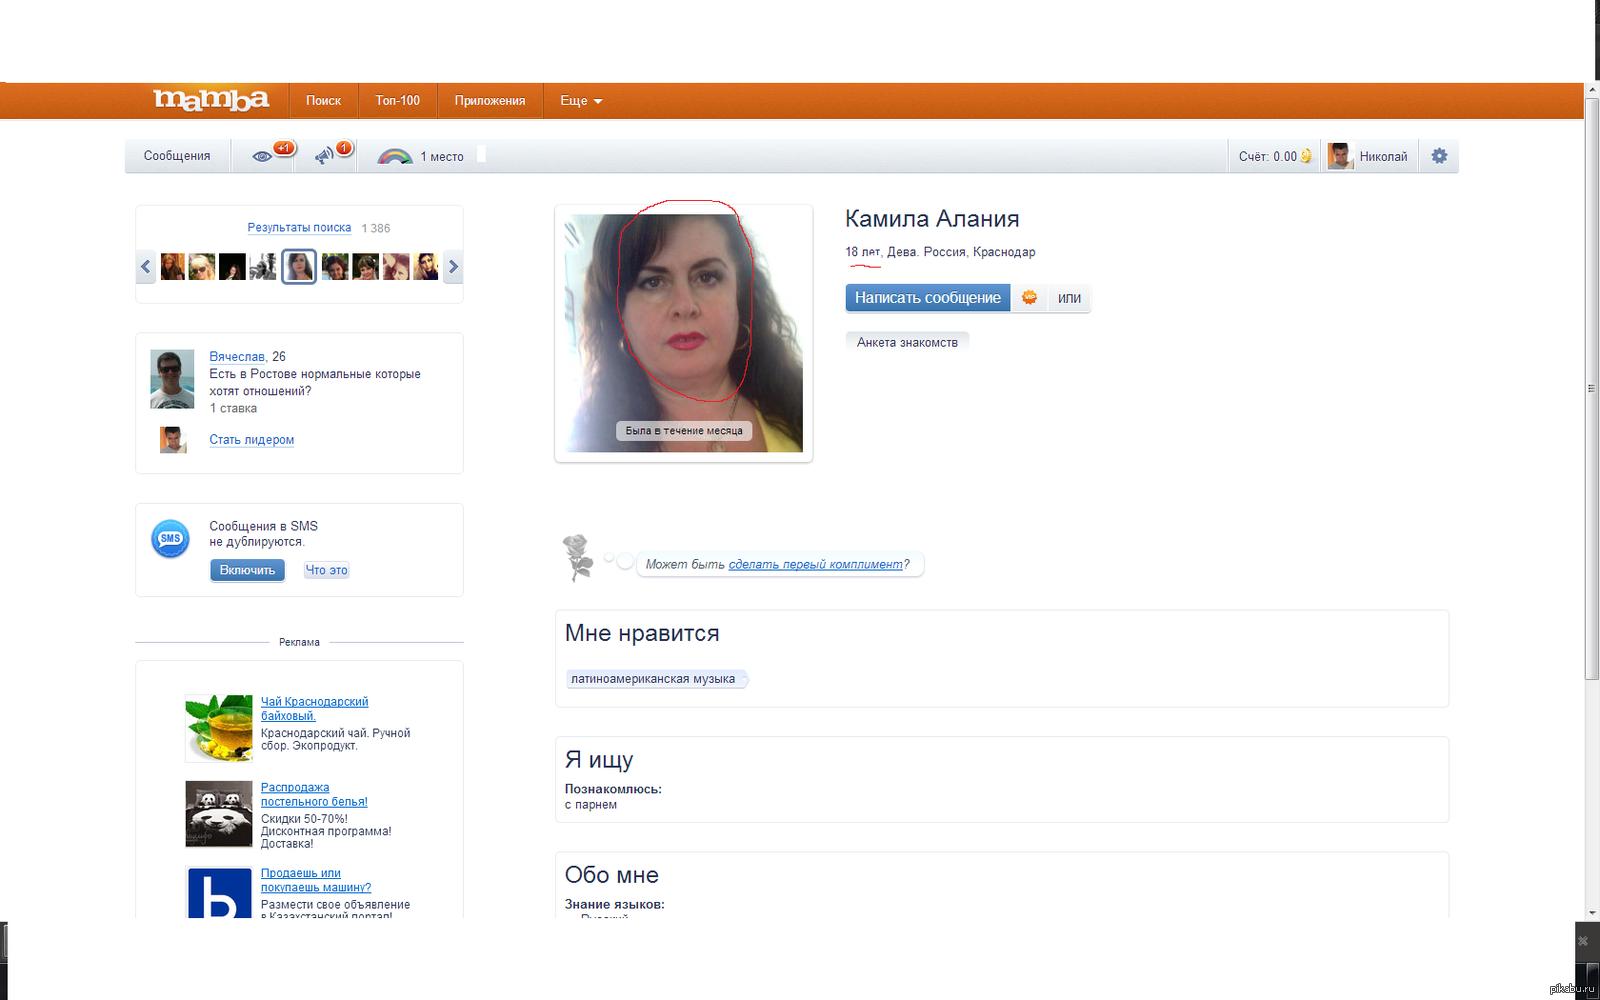 Сайт знакомств tetatet-club.ru